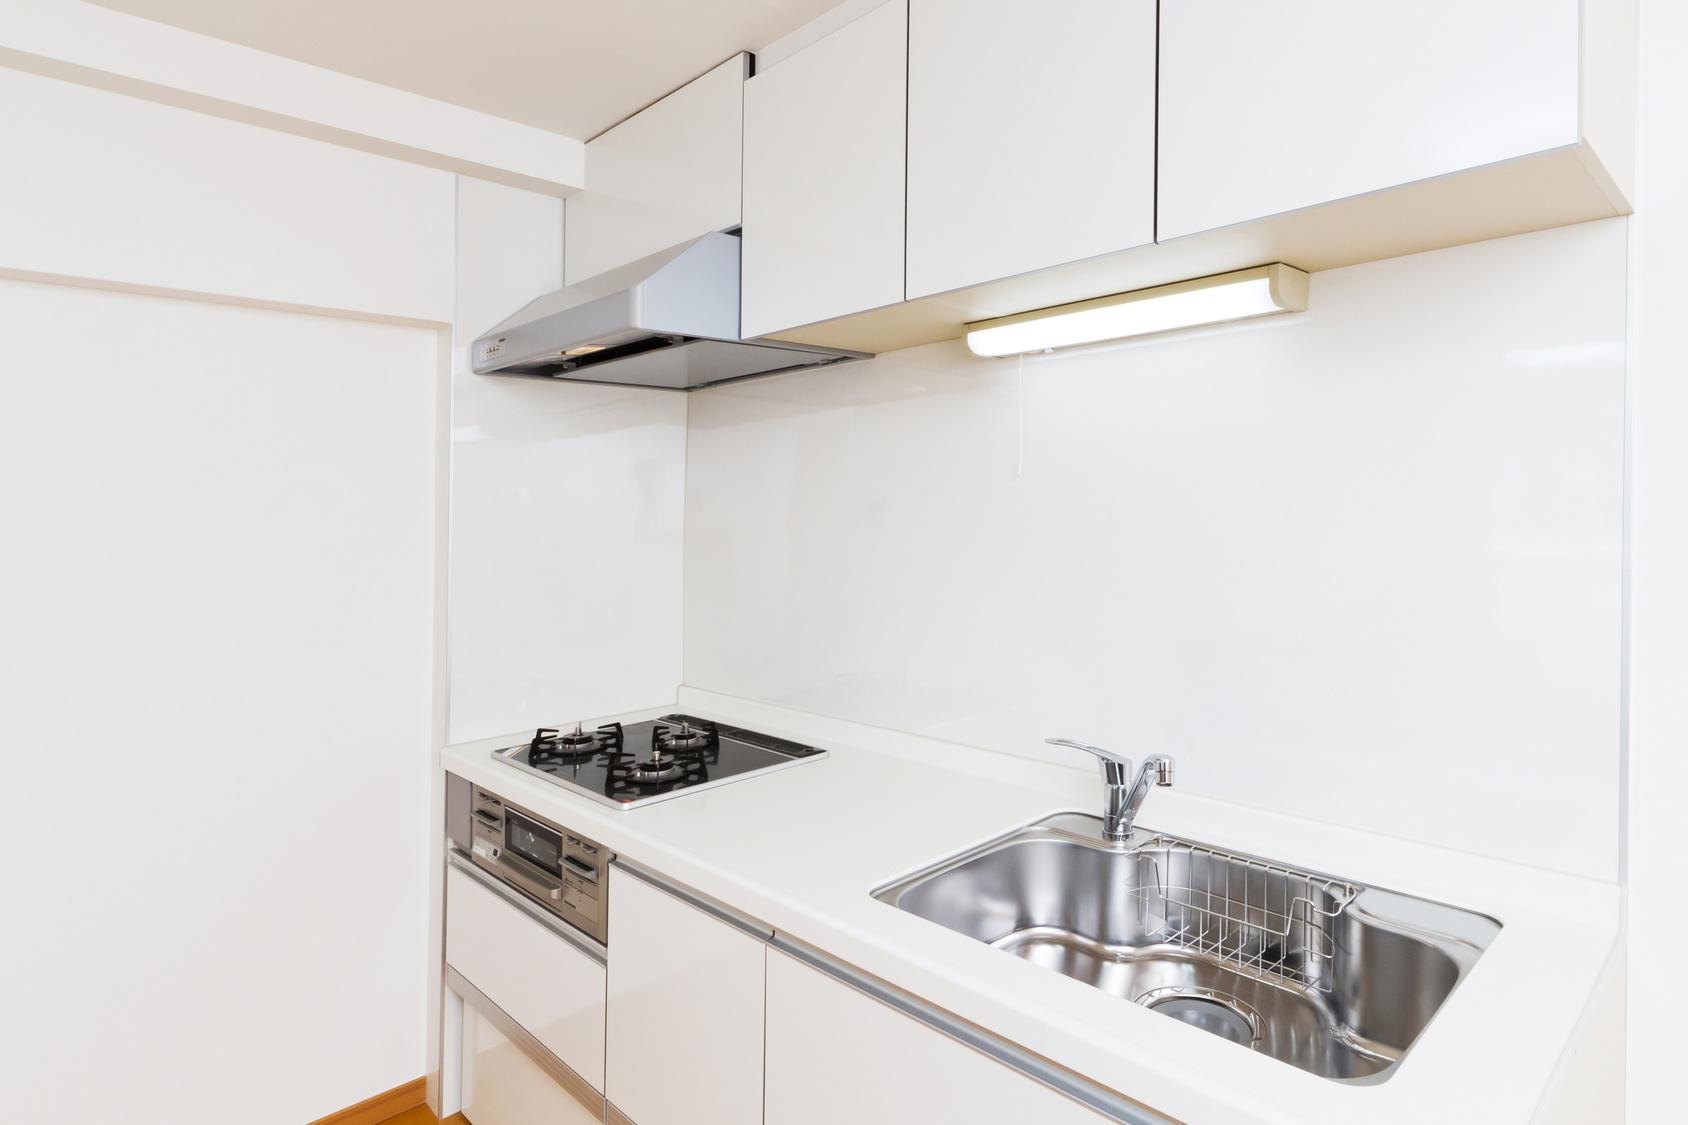 日本のアパート、マンションのキッチン apartment of Japan